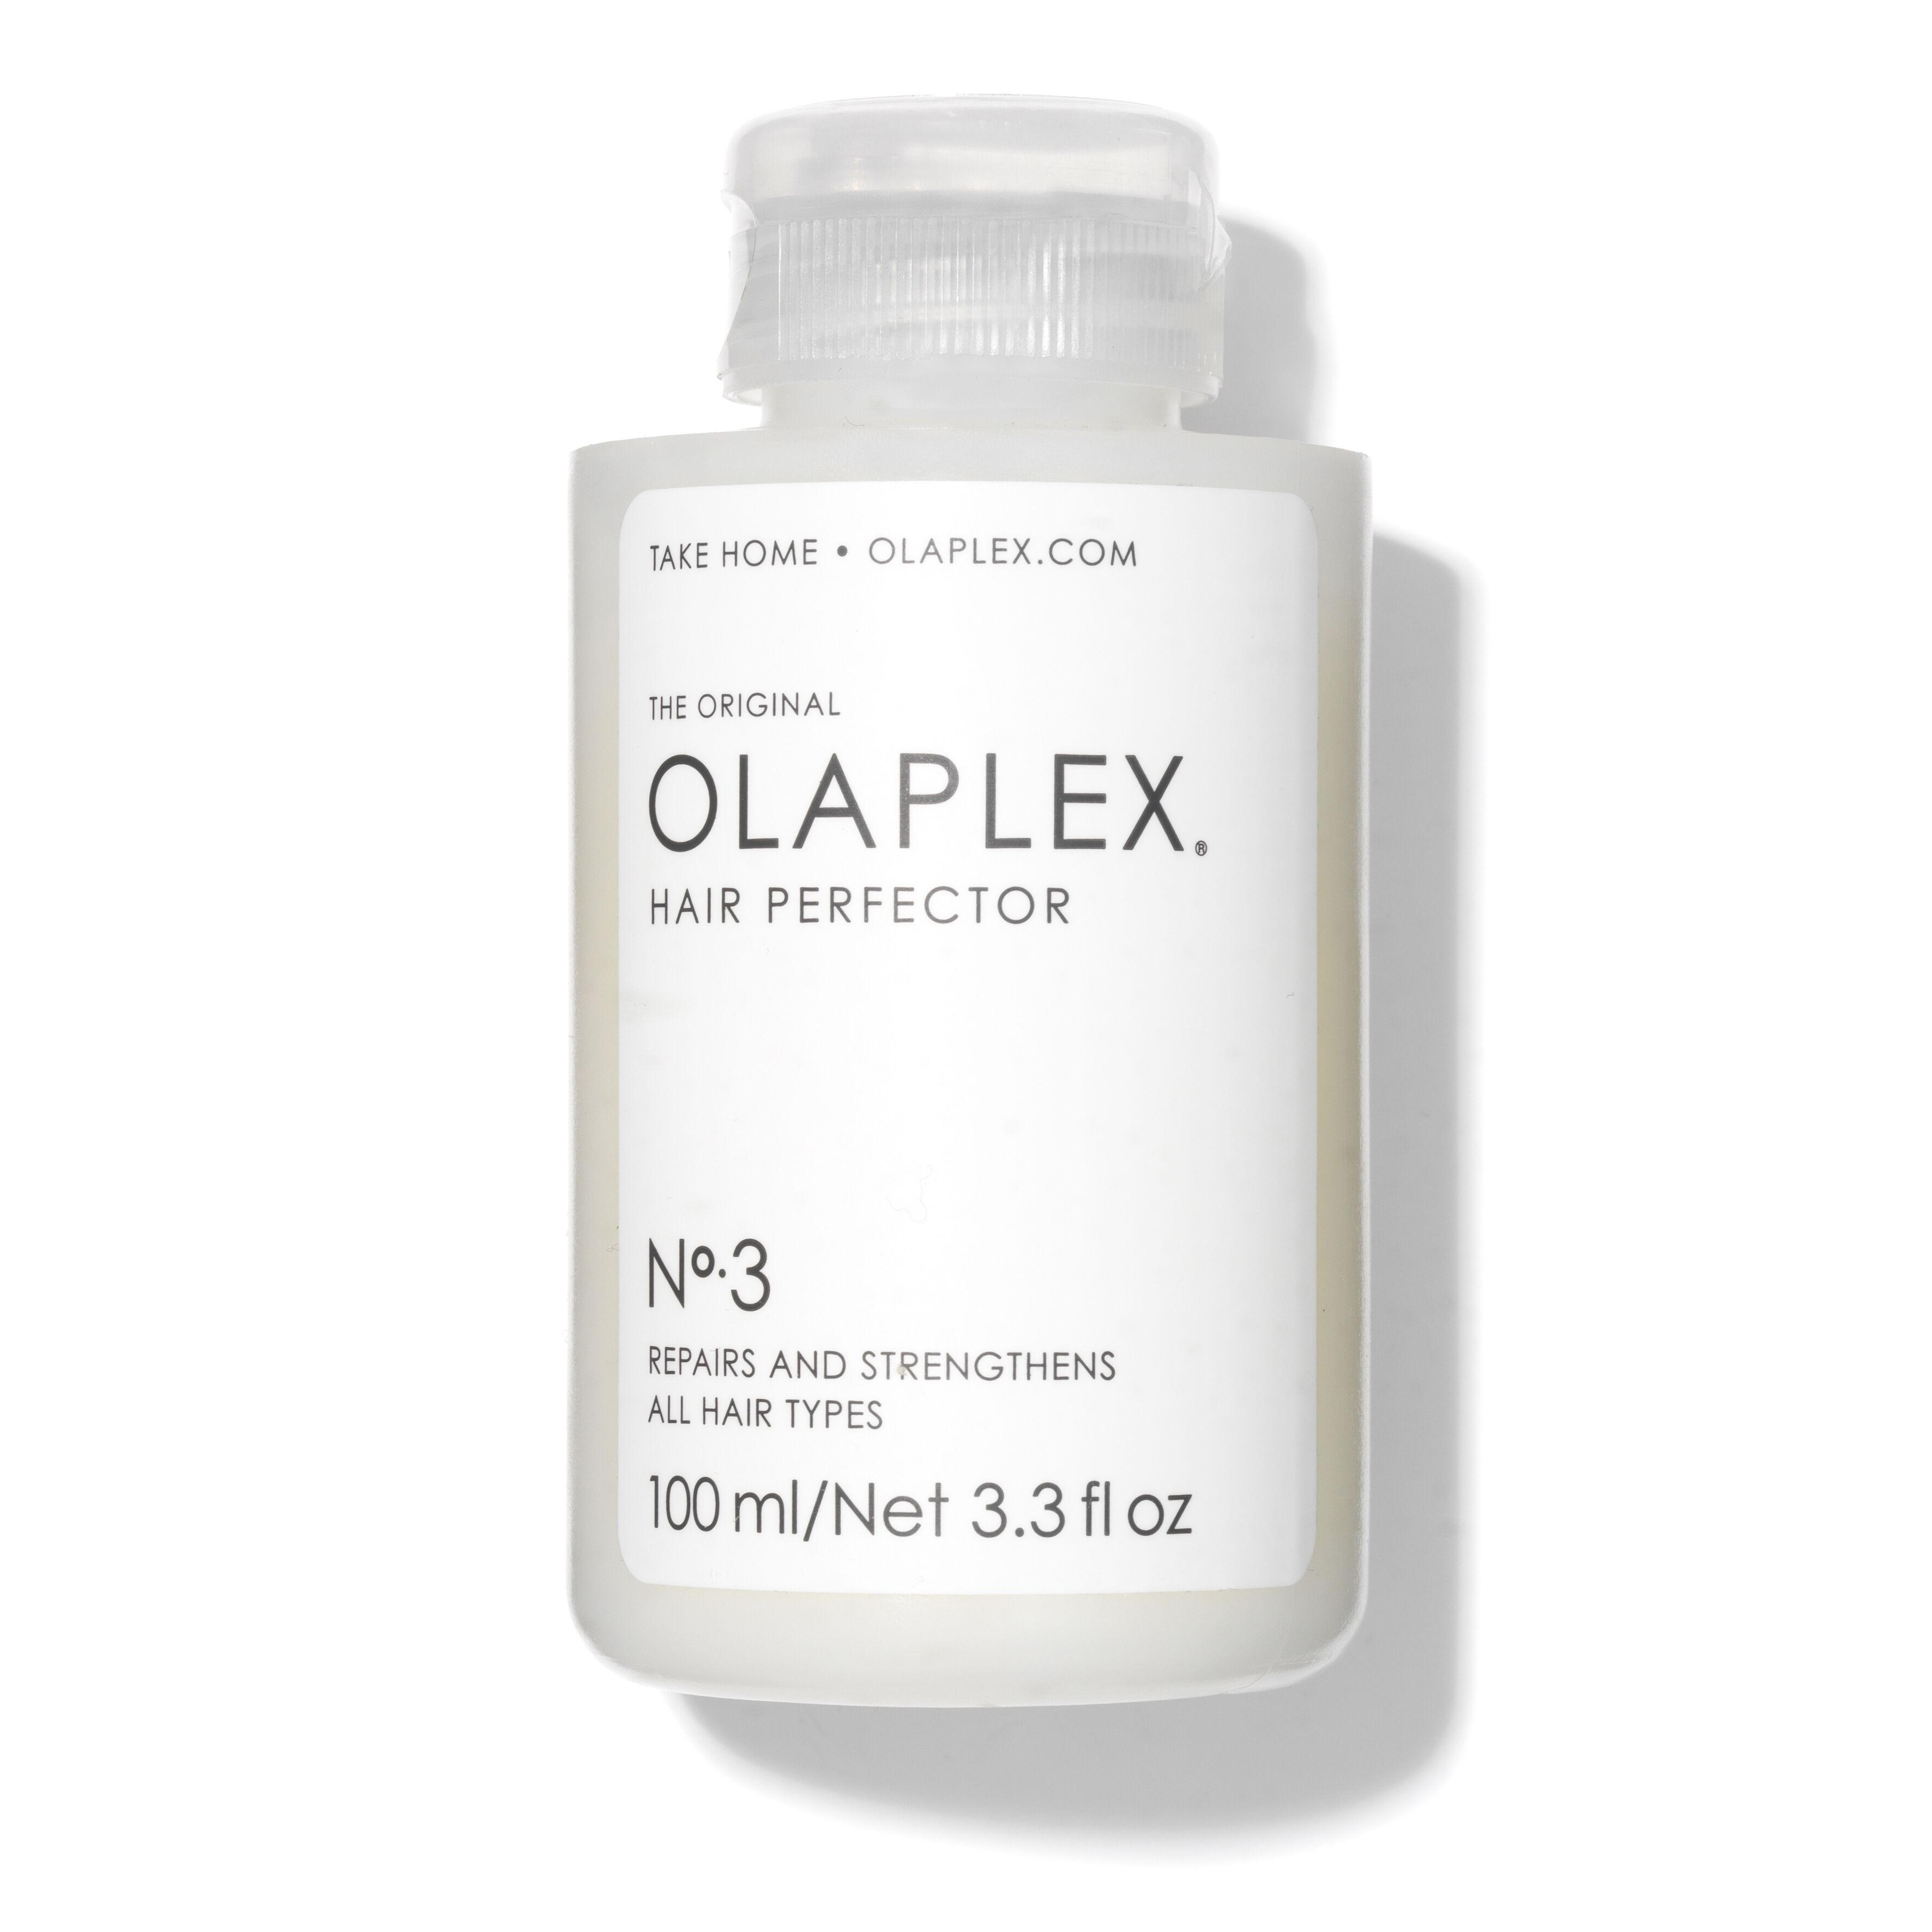 OLAPLEX | No.3 Hair Perfector